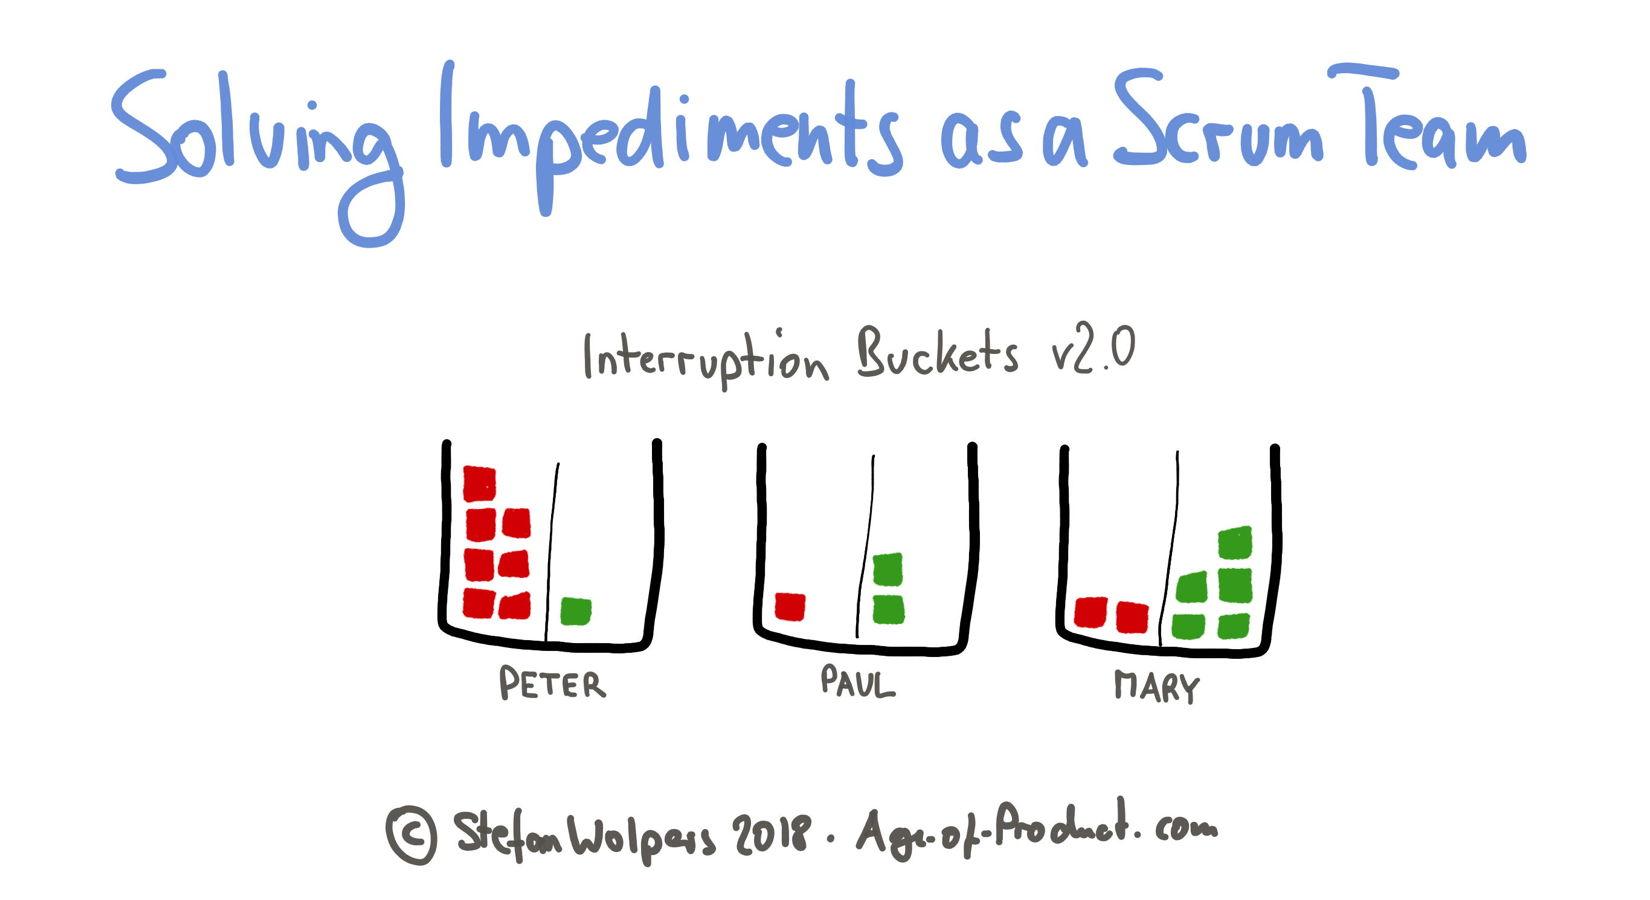 Interruption bucket version 2 —Version 1 of the interruption bucket —Solving Impediments as a Scrum Team